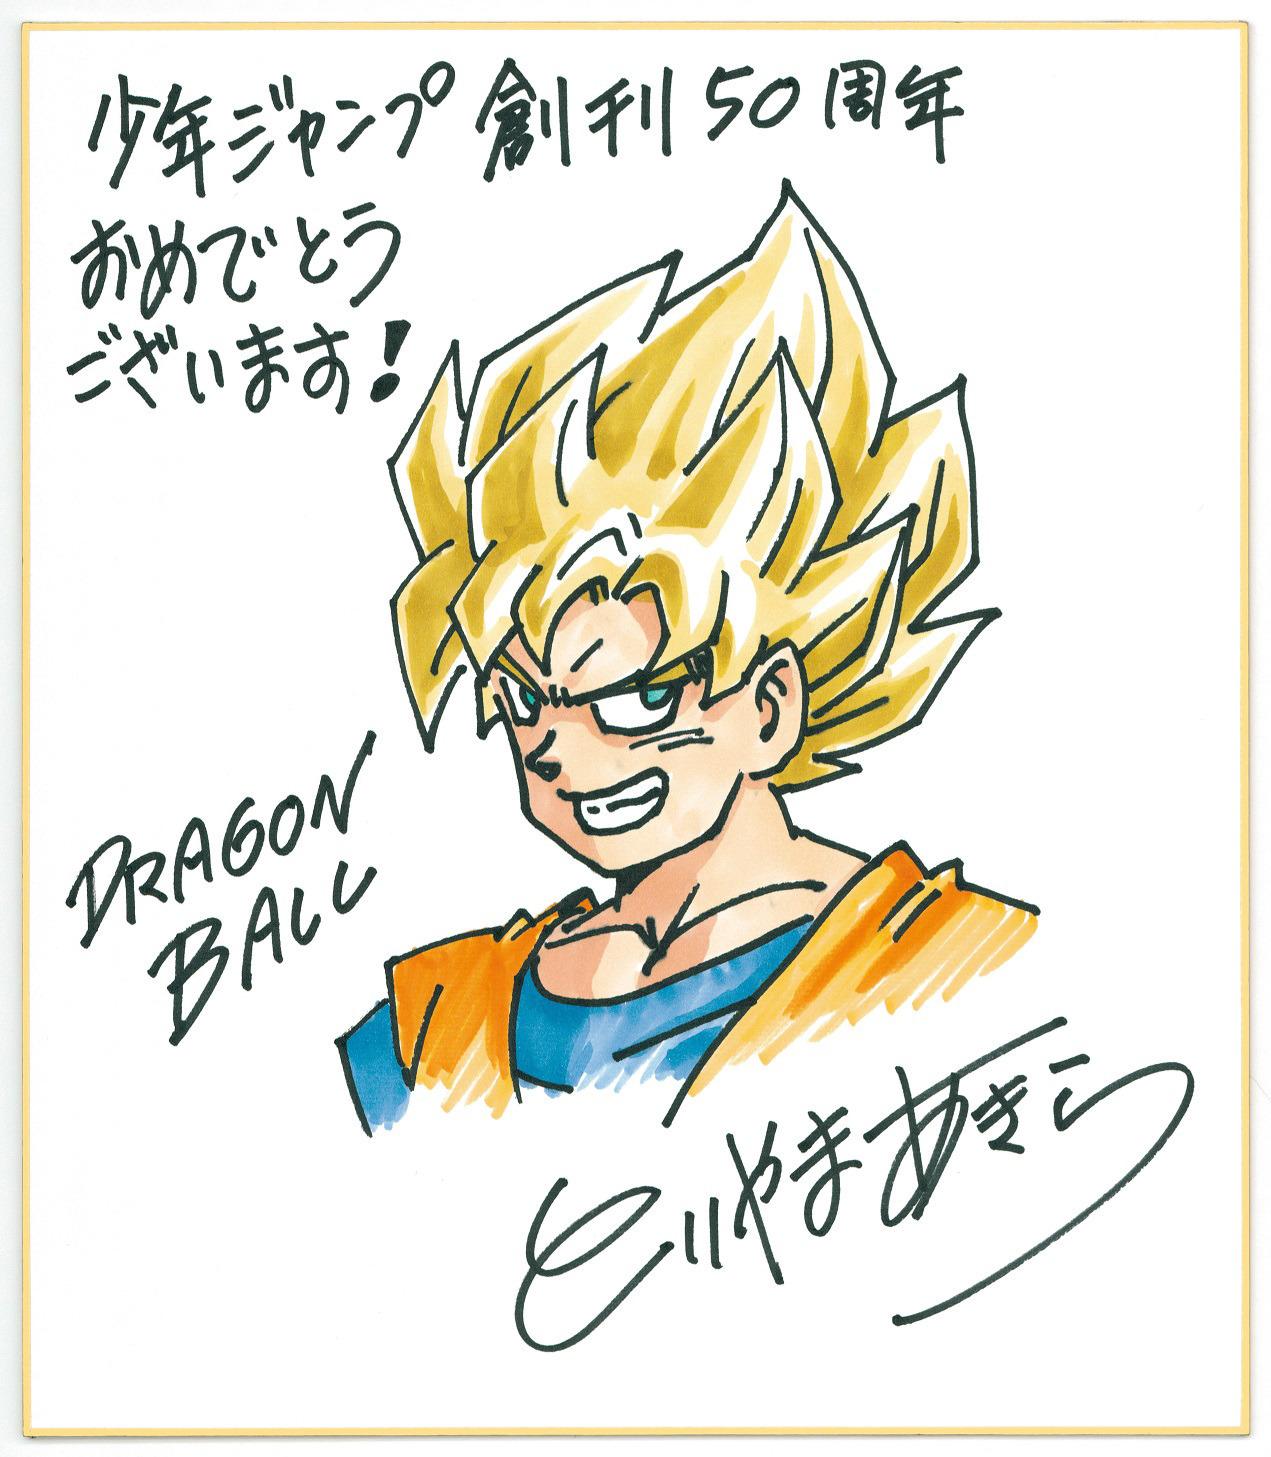 Pour l'occasion, Toriyama a également réalisé une petite illustration avec ce commentaire: «Félicitations pour le 50ème anniversaire de la revue, Shōnen Jump !»